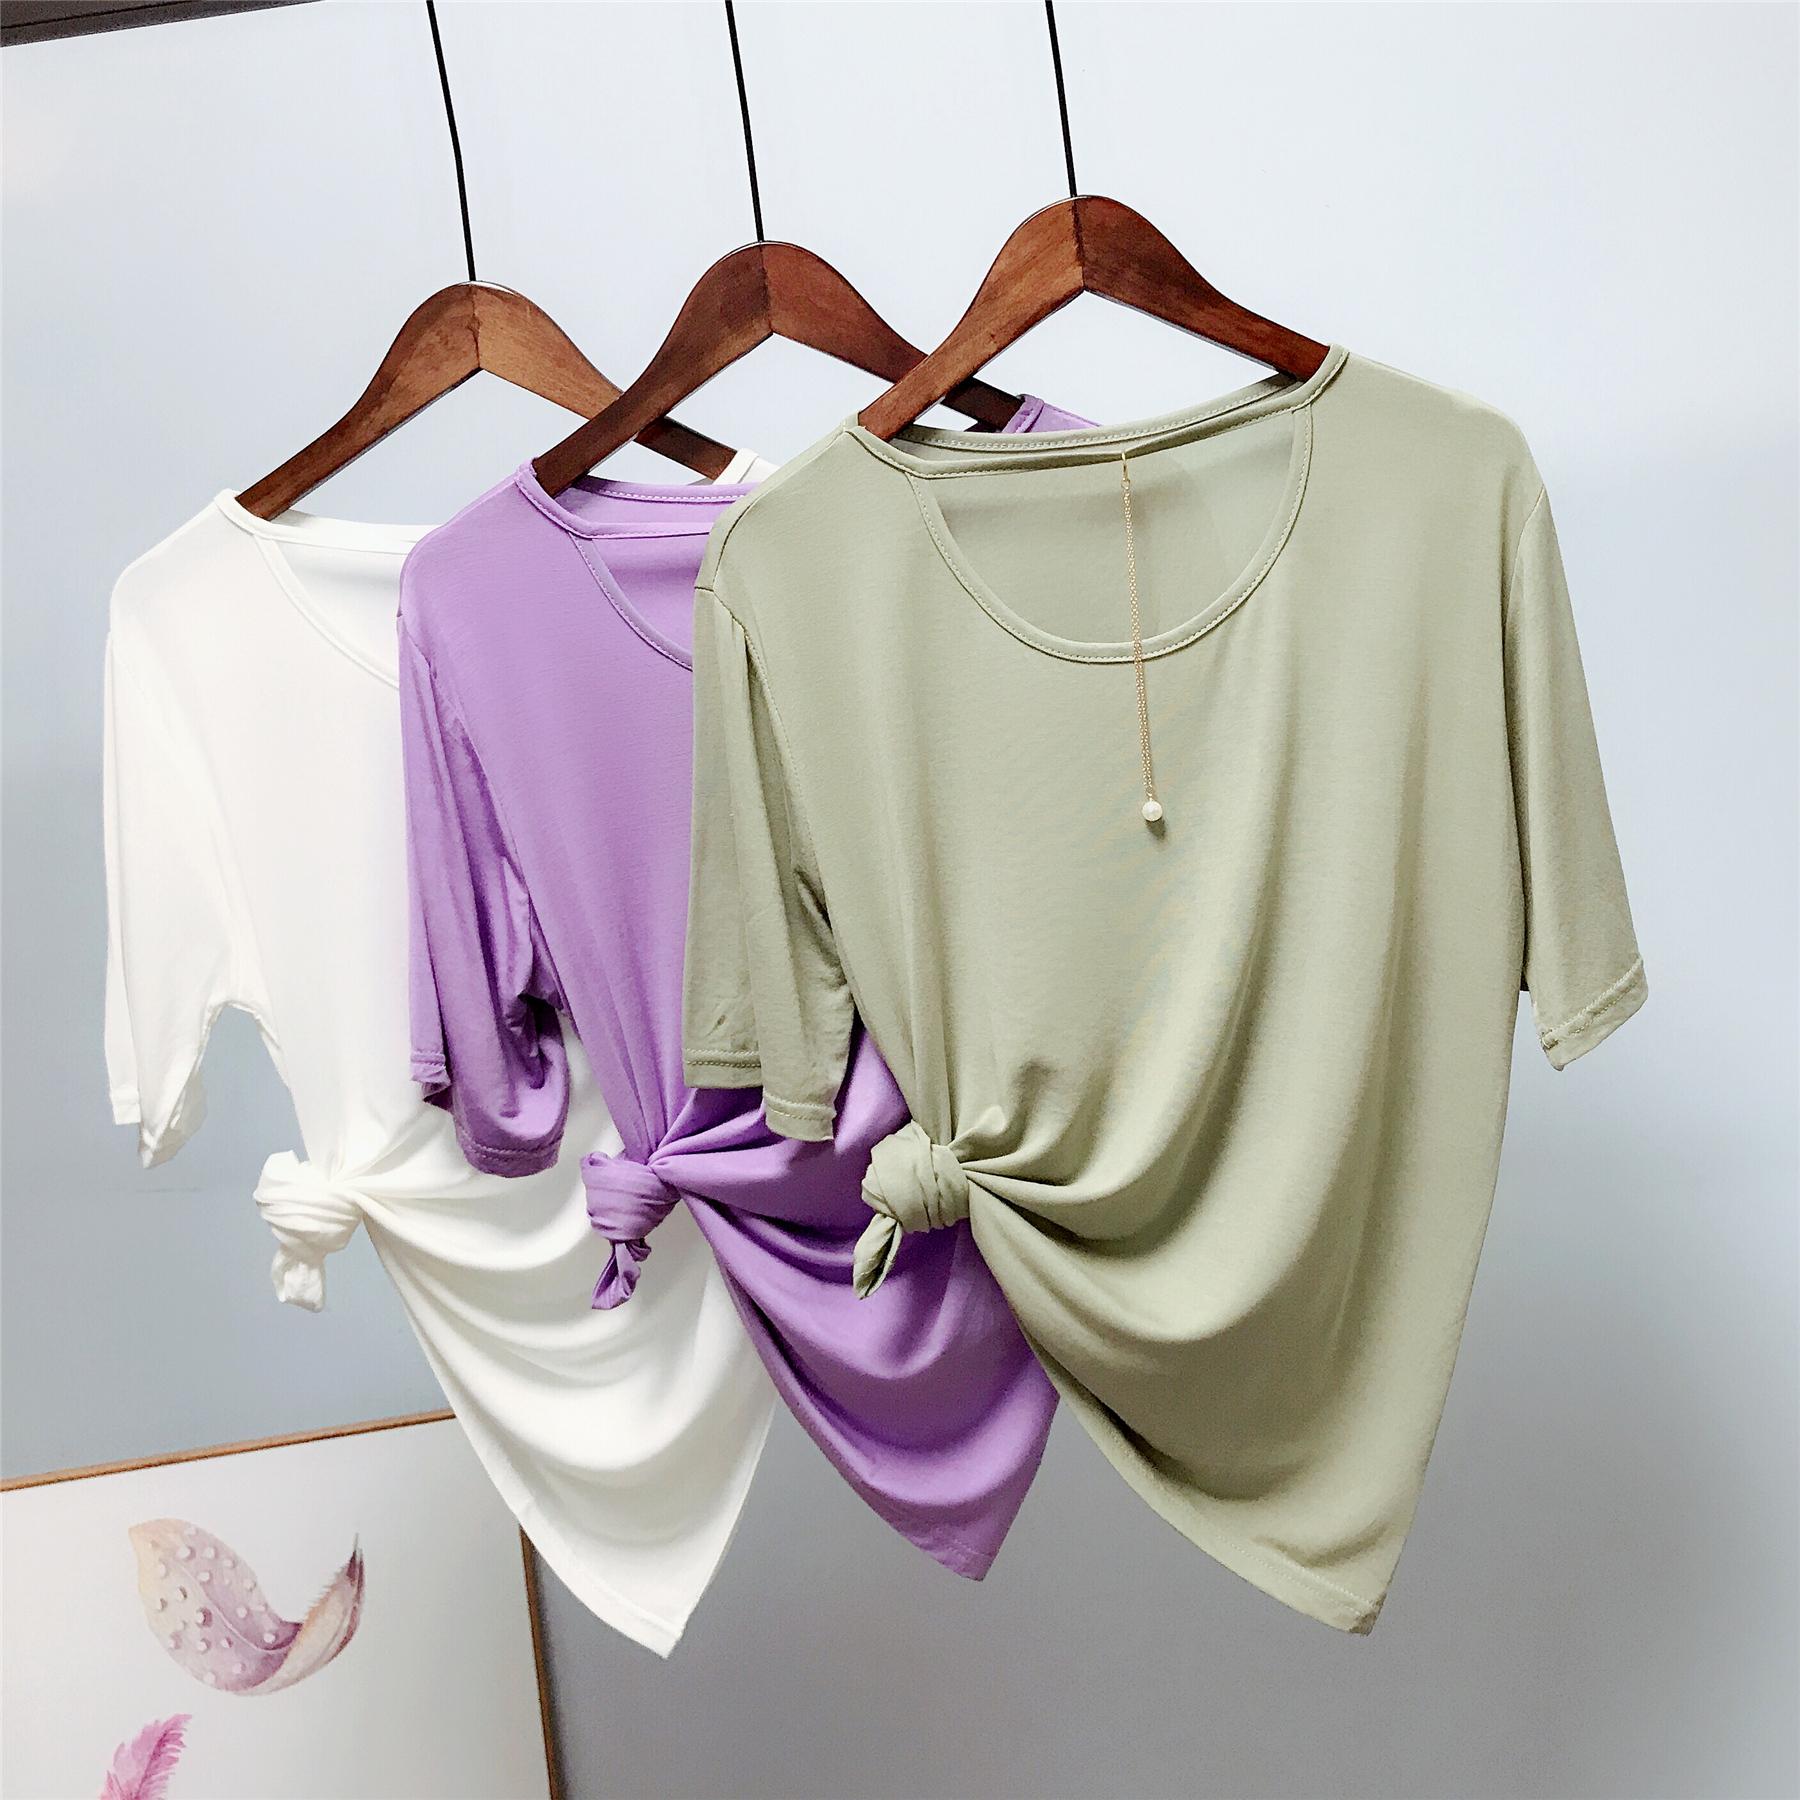 【清亏29.9,最后100件】柔滑如肌肤 三色 珍珠链条丝光棉短袖T恤